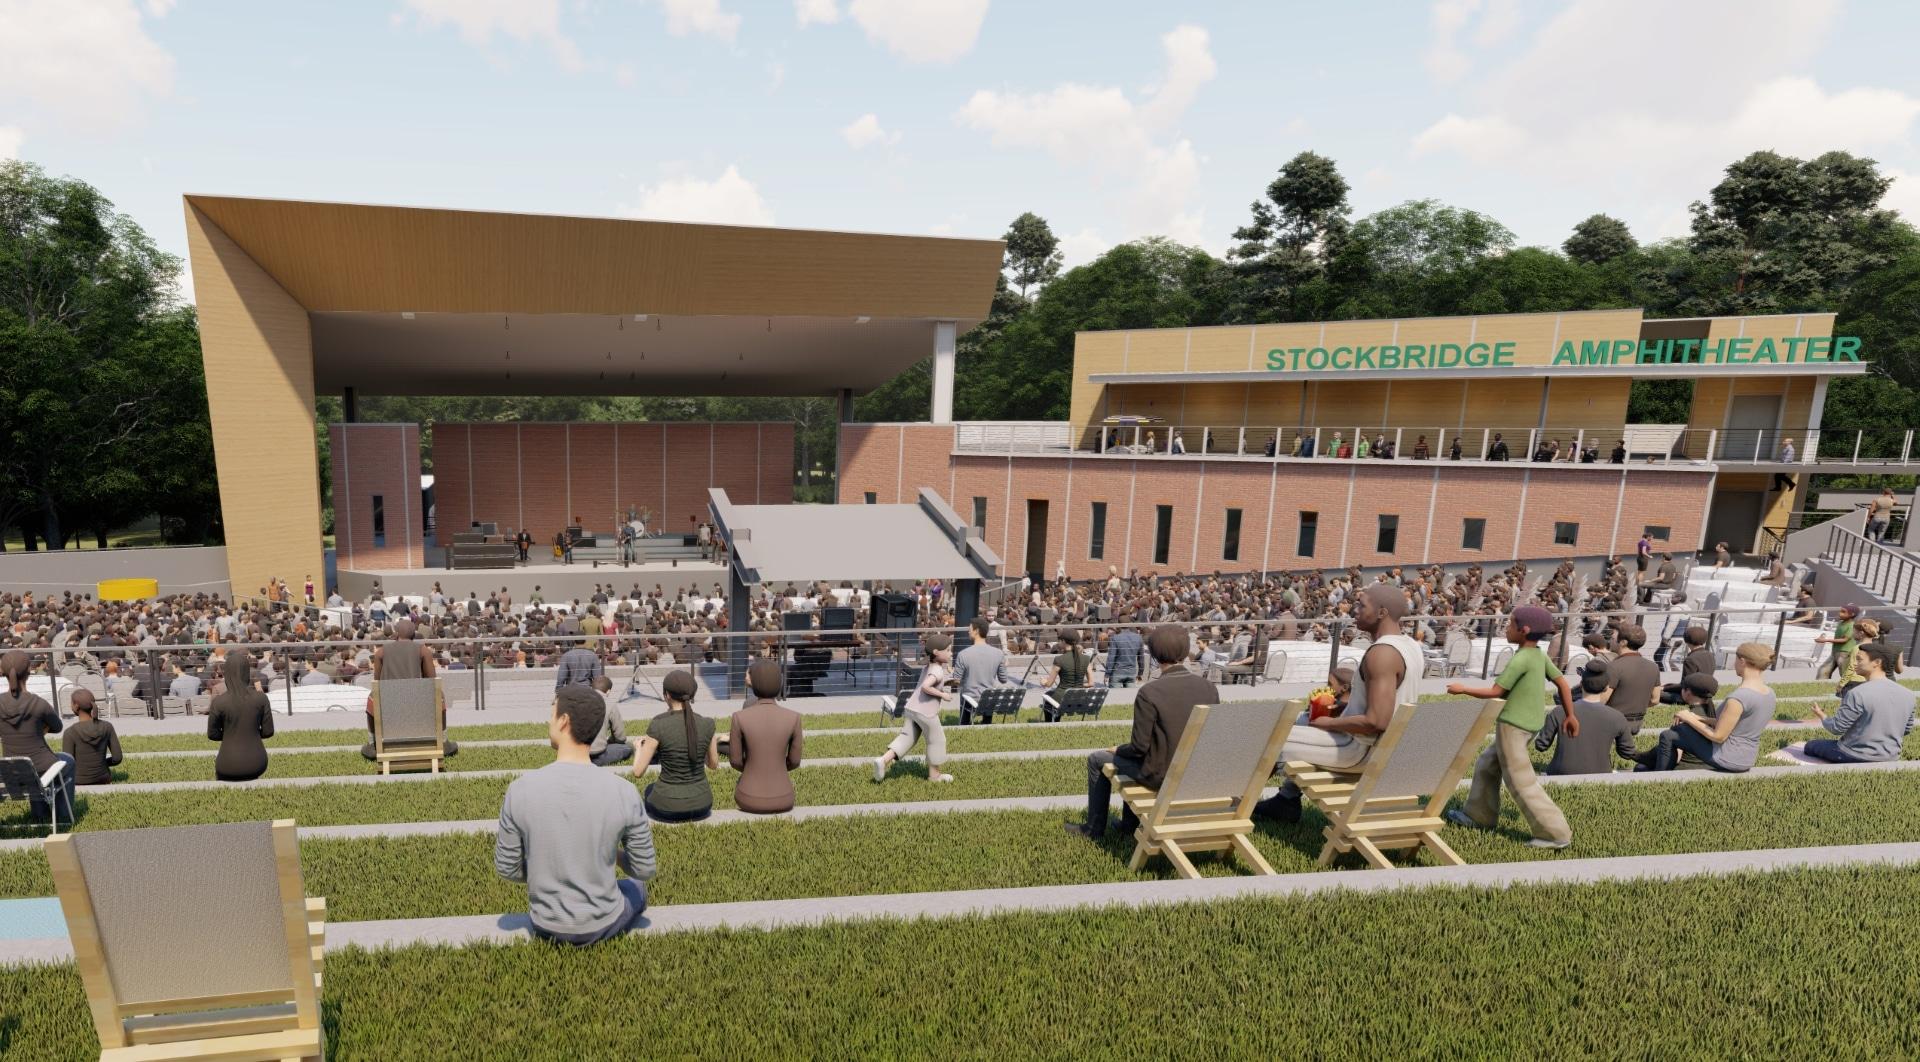 Stockbridge Amphitheater